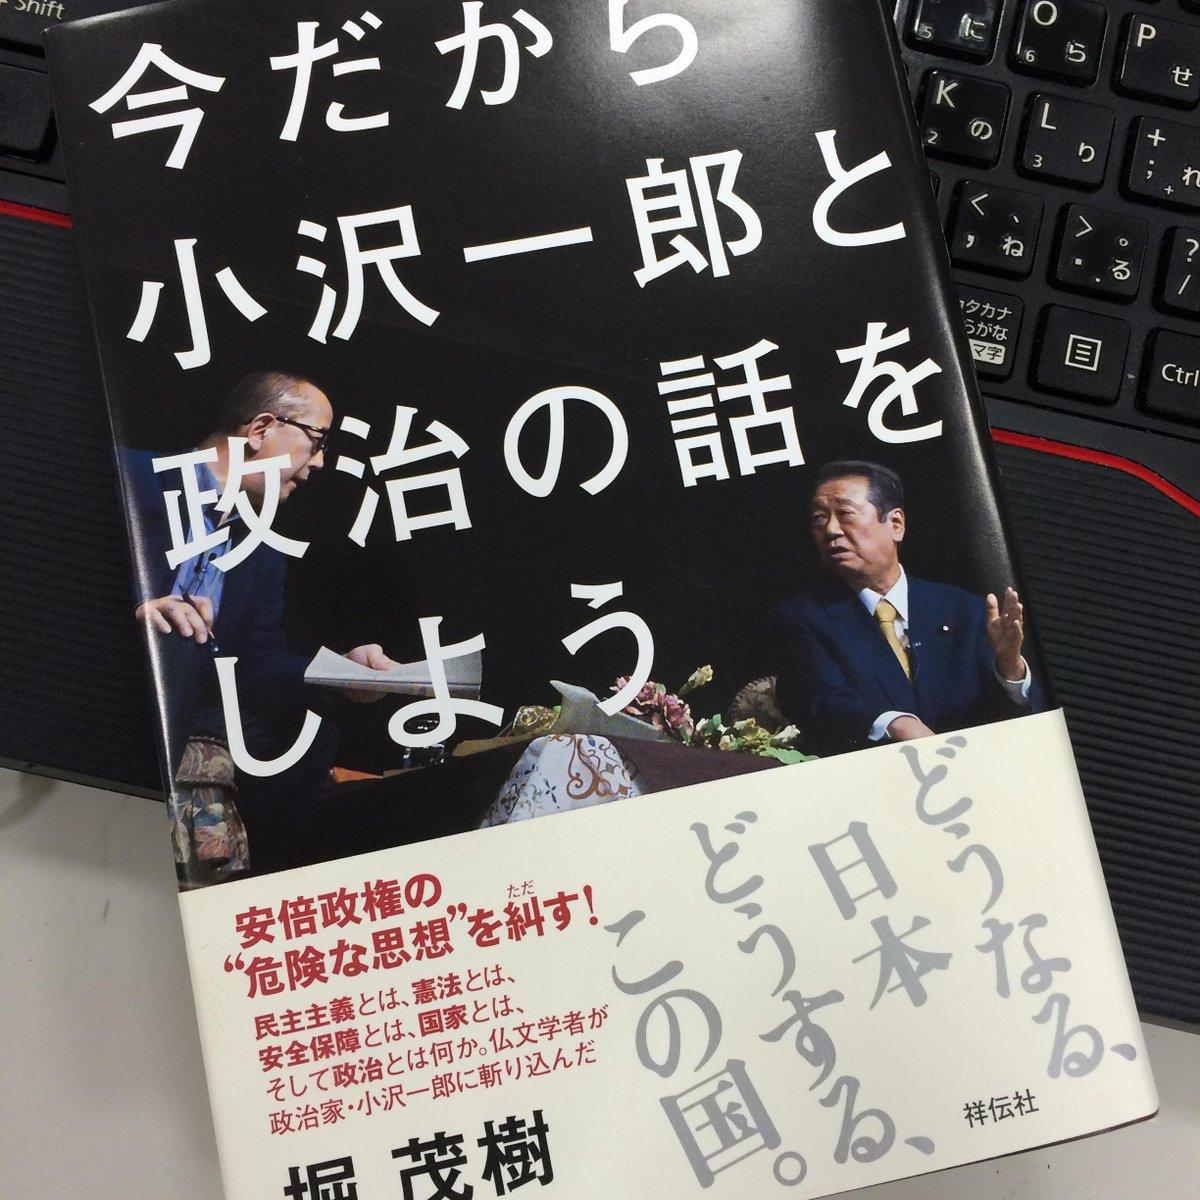 堀茂樹著『今だから小沢一郎と政治の話をしよう』(9月21日発売)の表紙カバーは、こんな感じです。 http://t.co/YbnHXagh4K